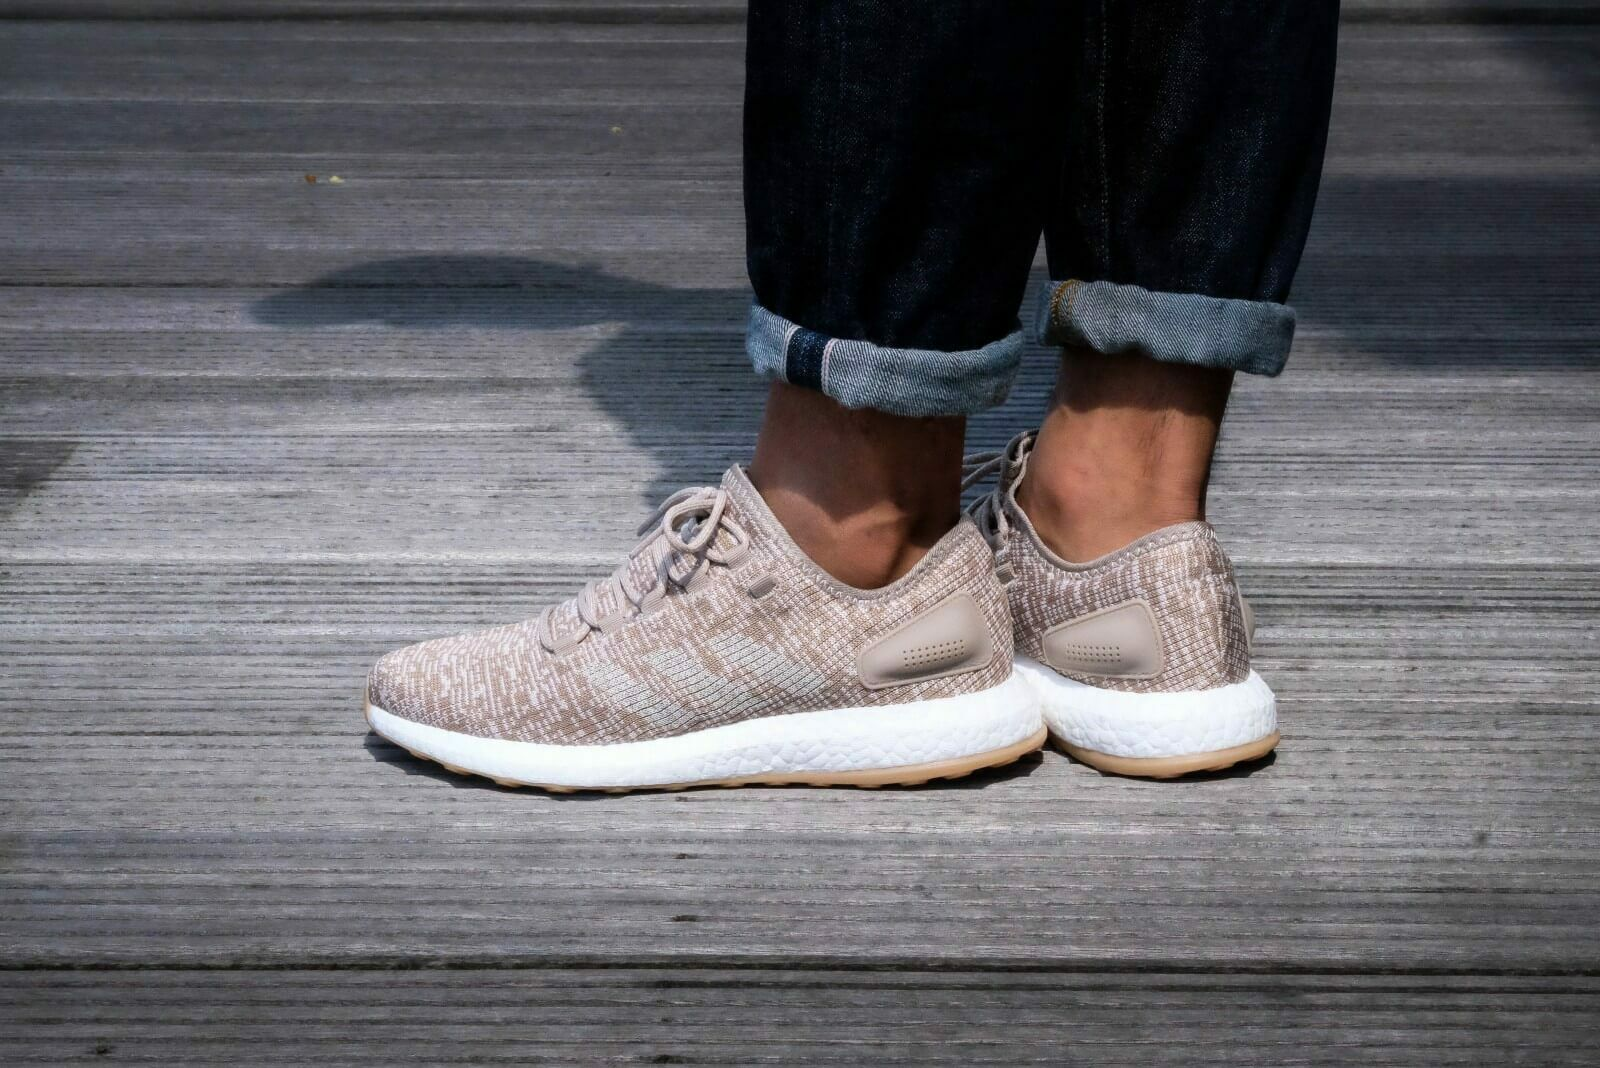 ADIDAS PURE BOOST correr para hombres zapatos rastro de Color caqui. Talla UK-7_8_9_9.5_10_12